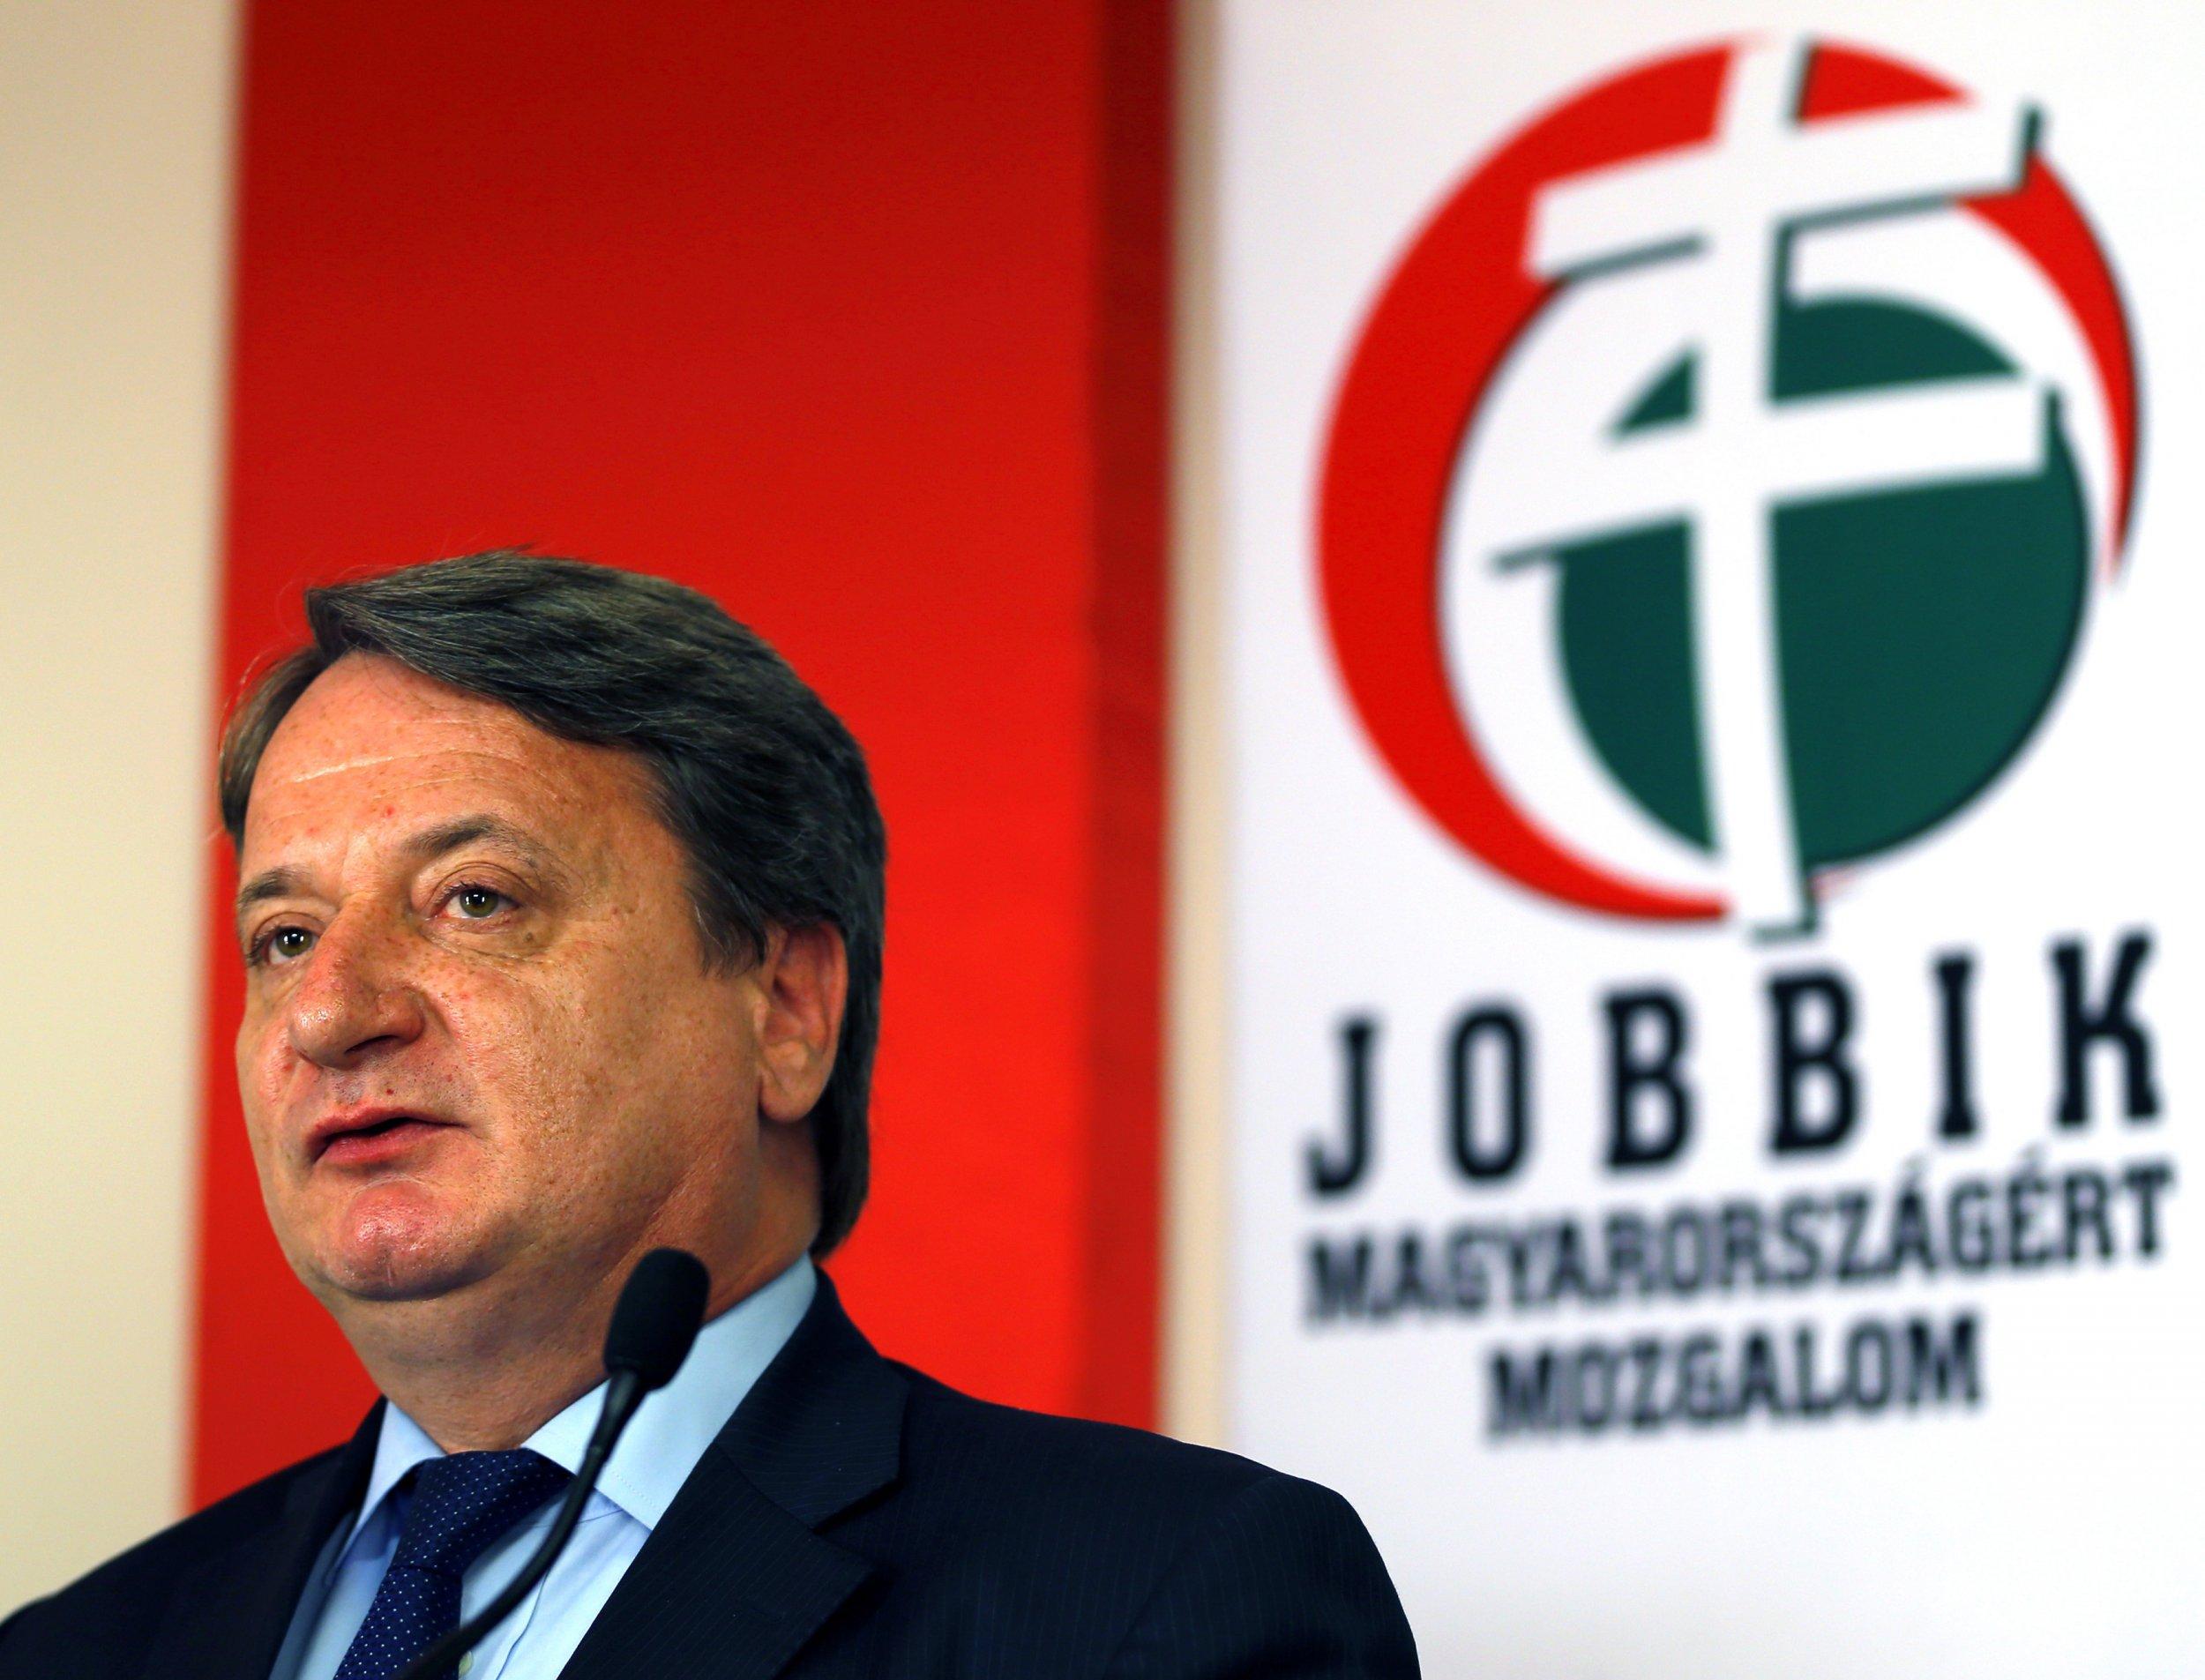 Bela Kovacs